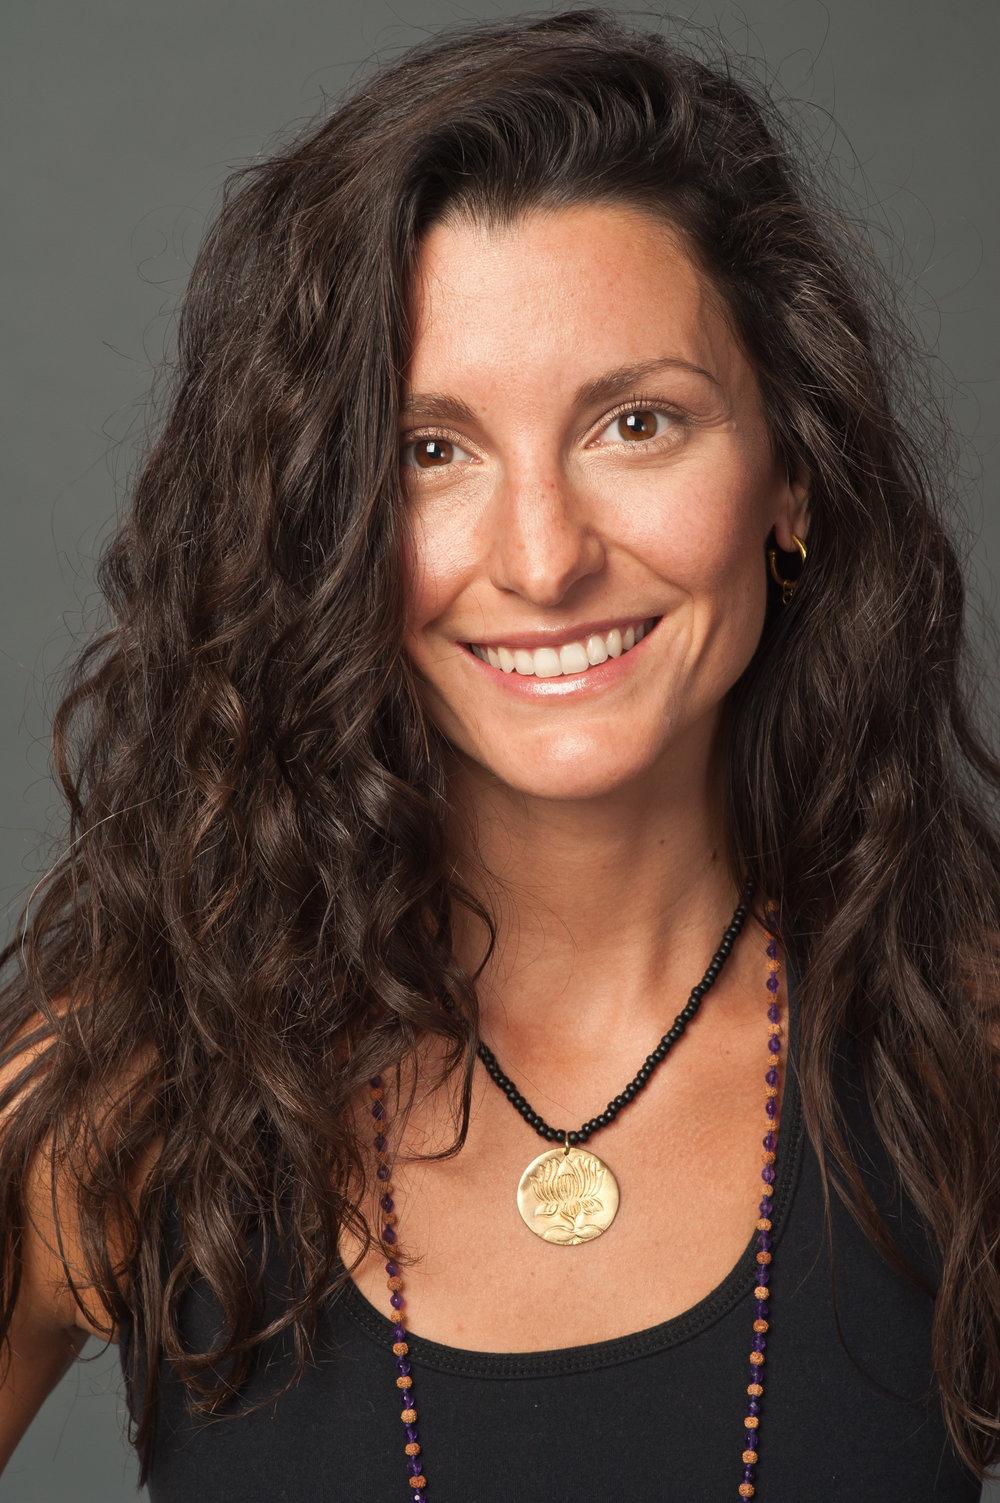 Nancy-Kate Rau E-RYT 500